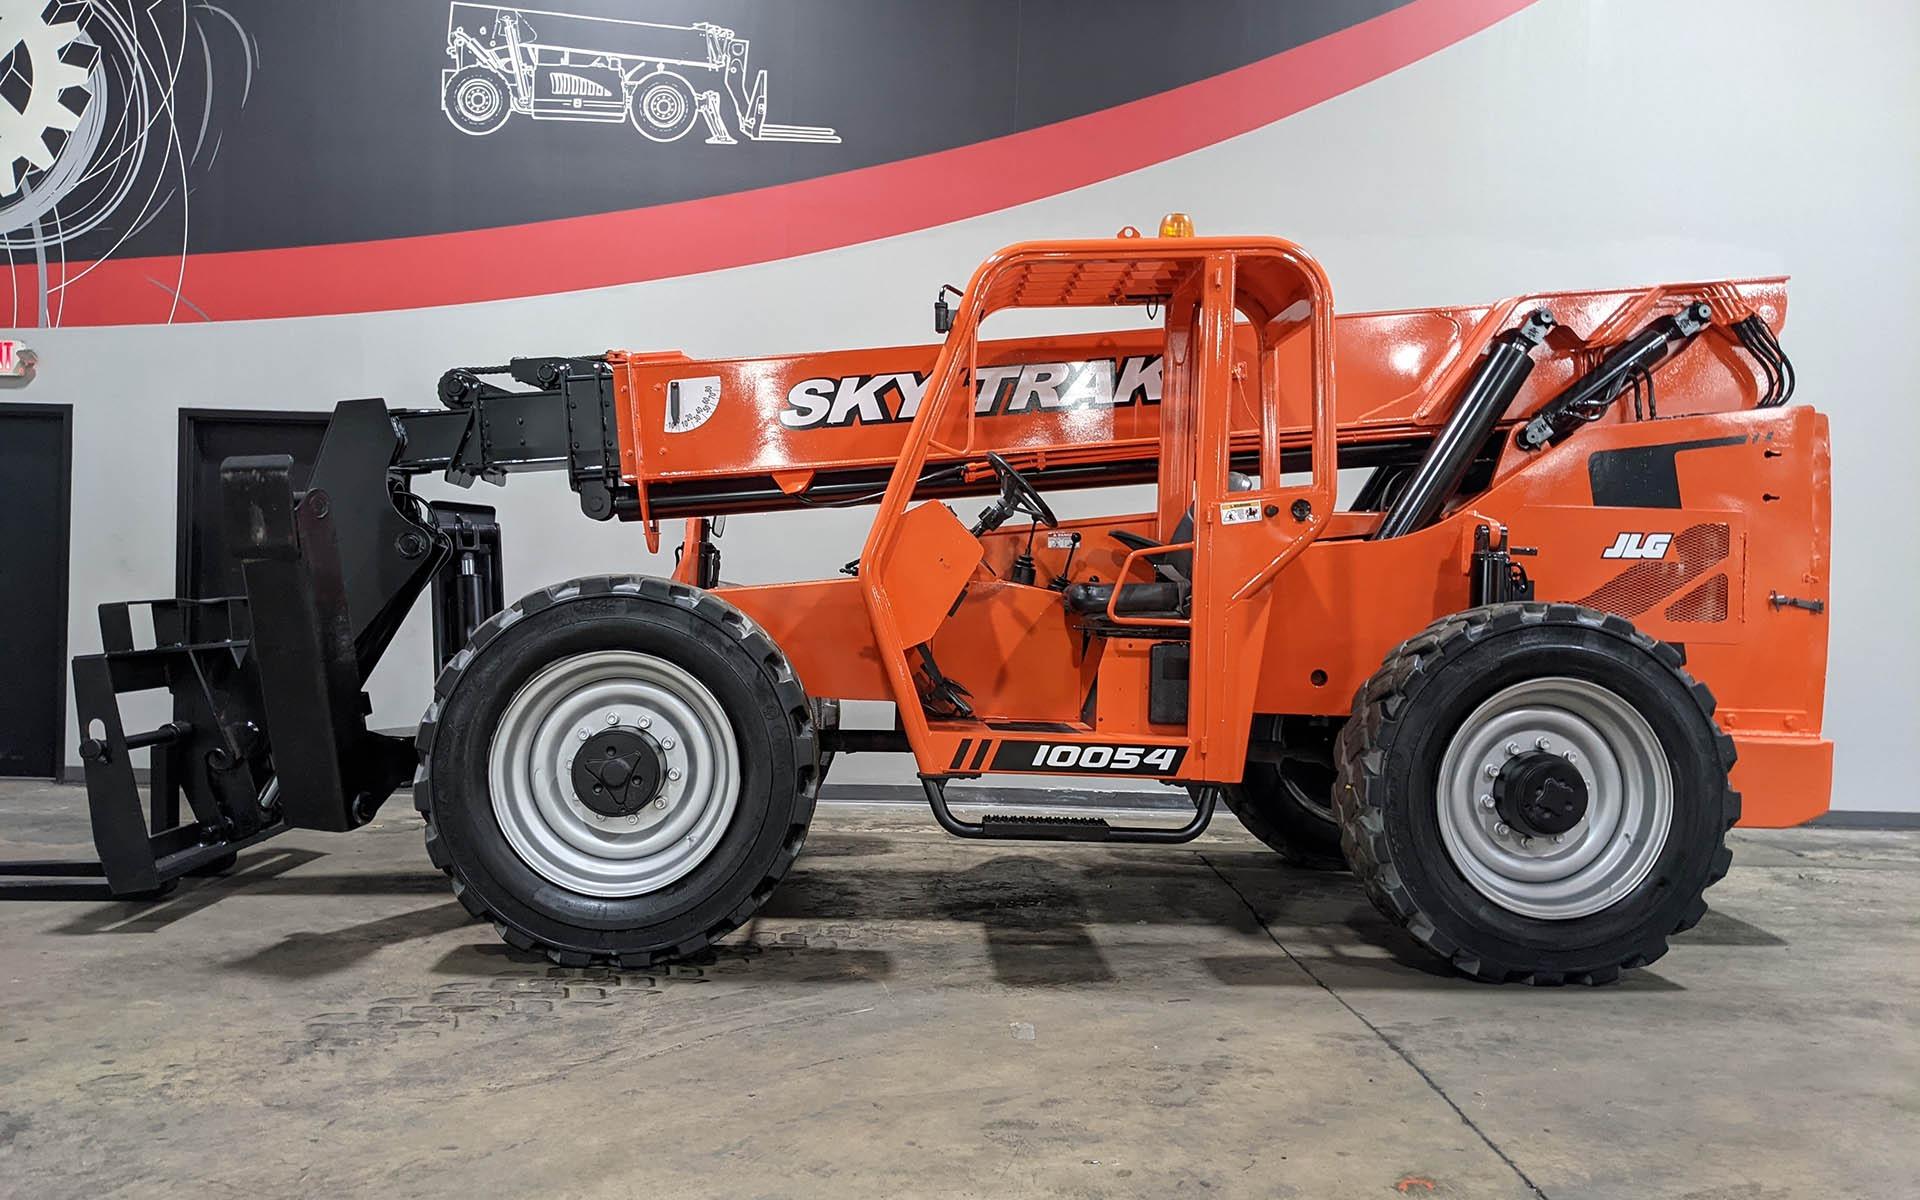 Used 2012 SKYTRAK 10054  | Cary, IL